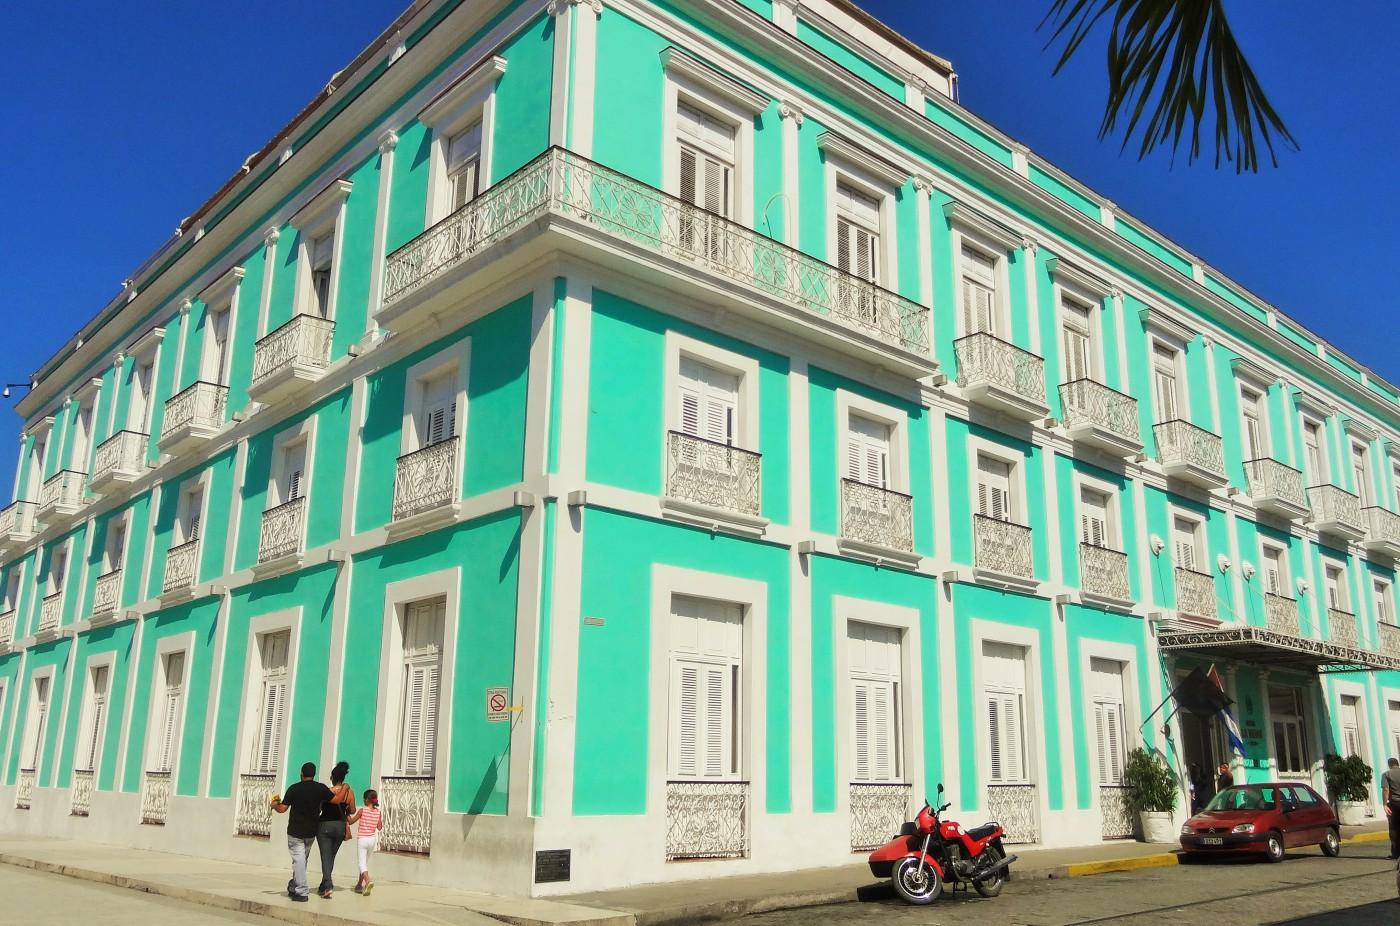 Pastellfarbene Häuser am Boulevard in Cienfuegos